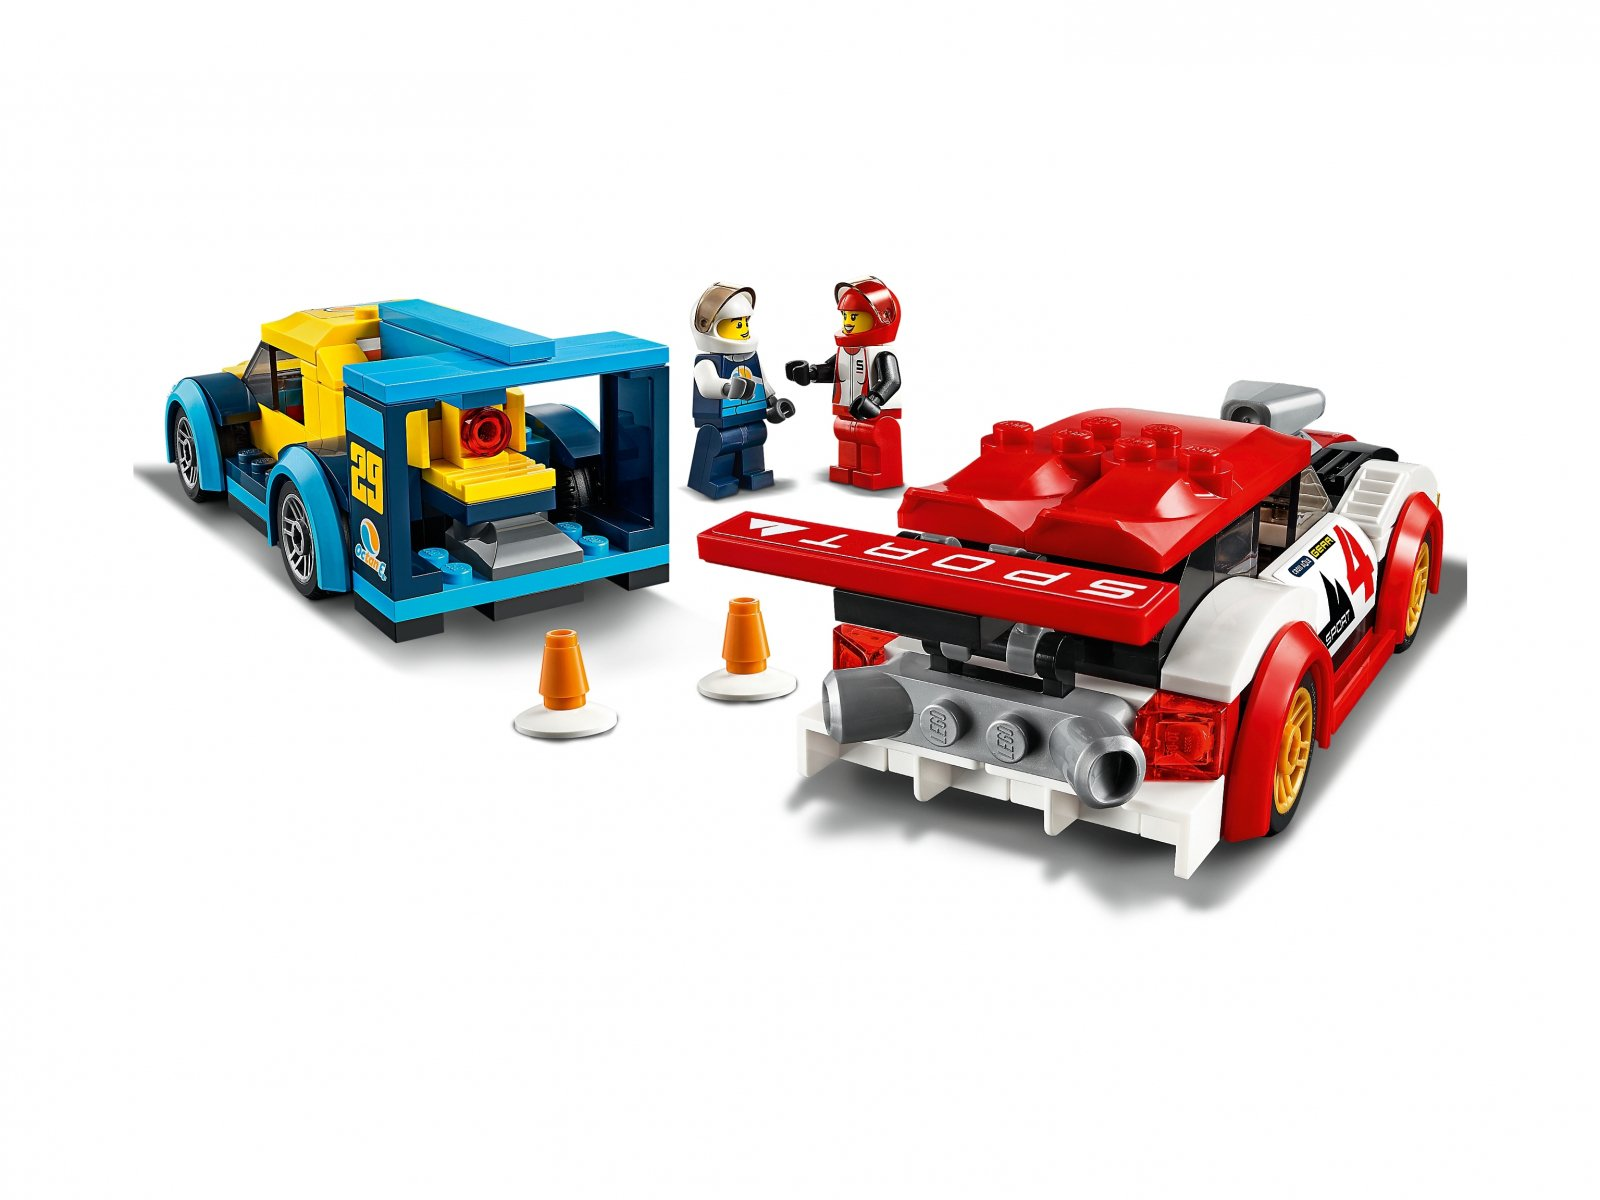 LEGO 60256 Samochody wyścigowe